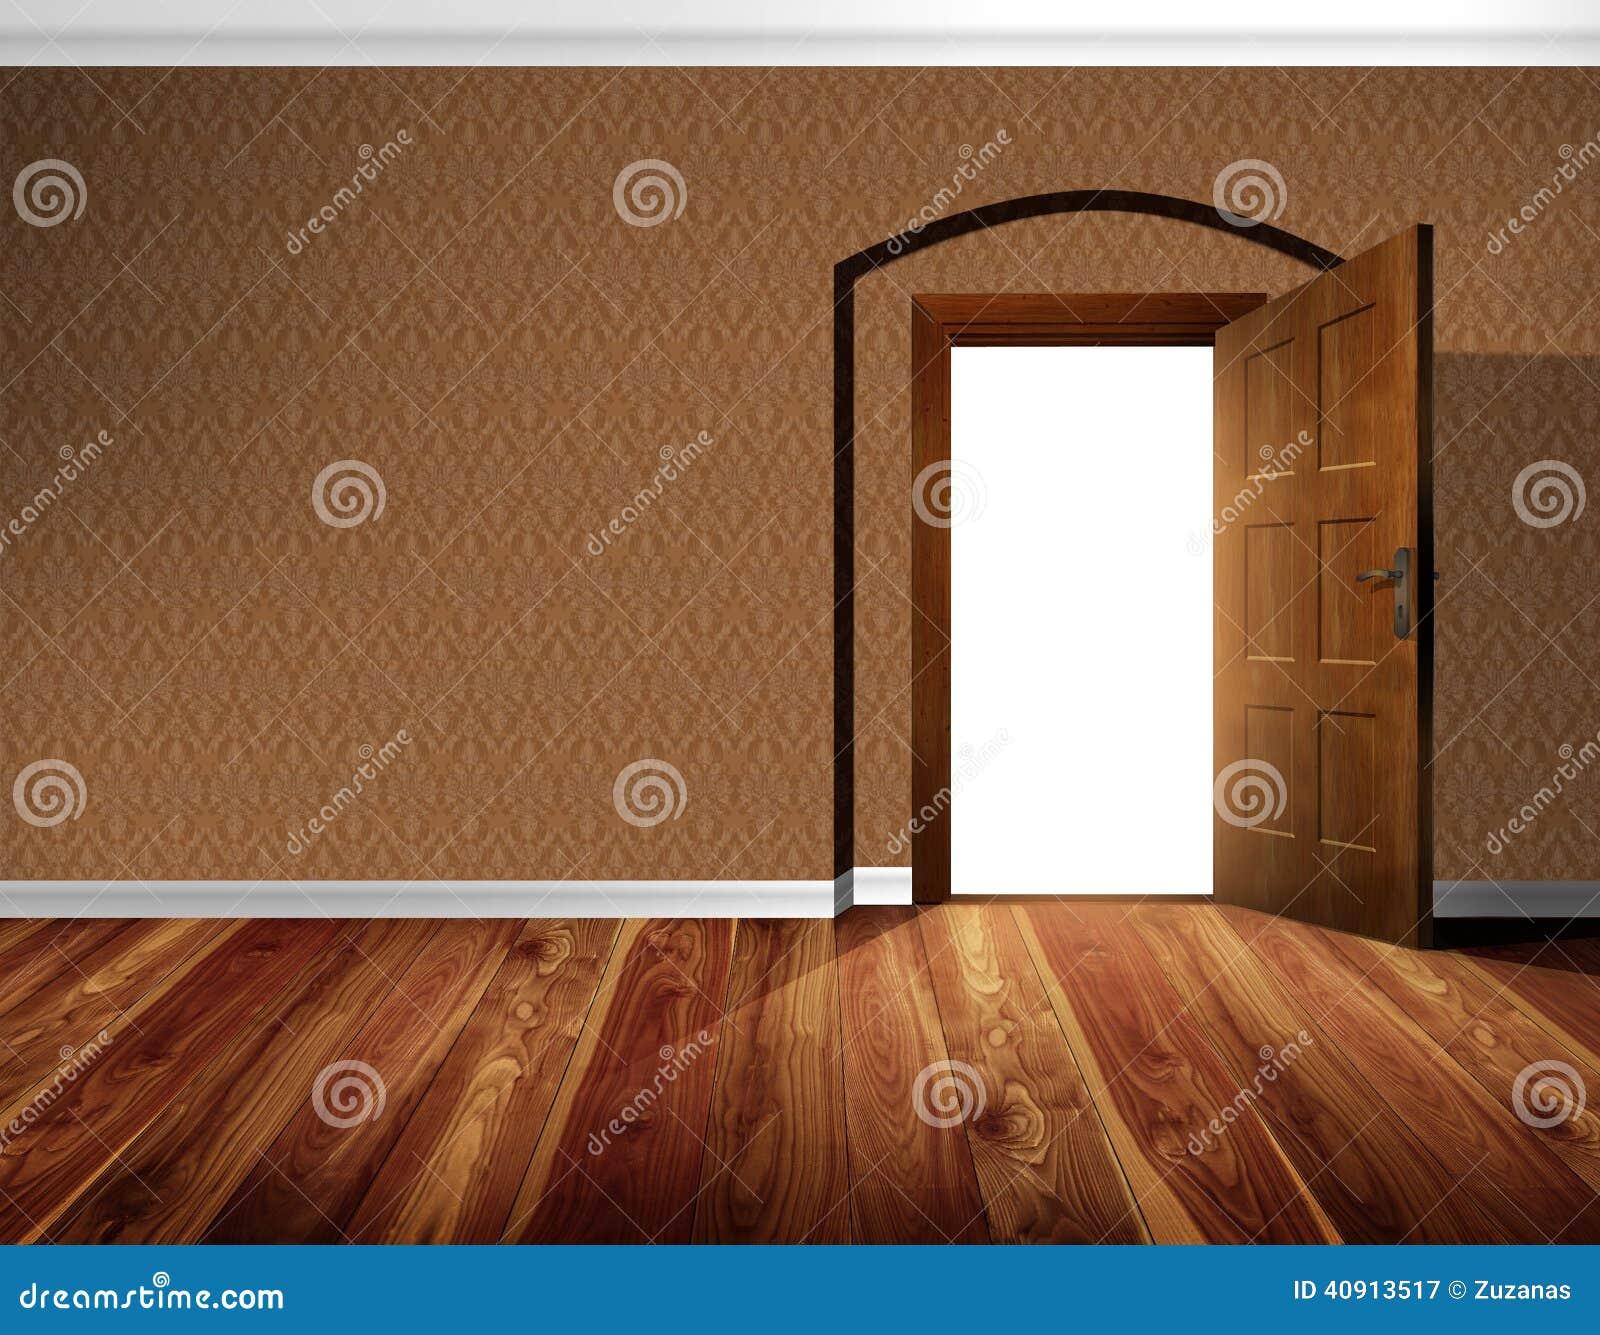 Open Door Wallpaper Wall Wooden Floor Stock Photo